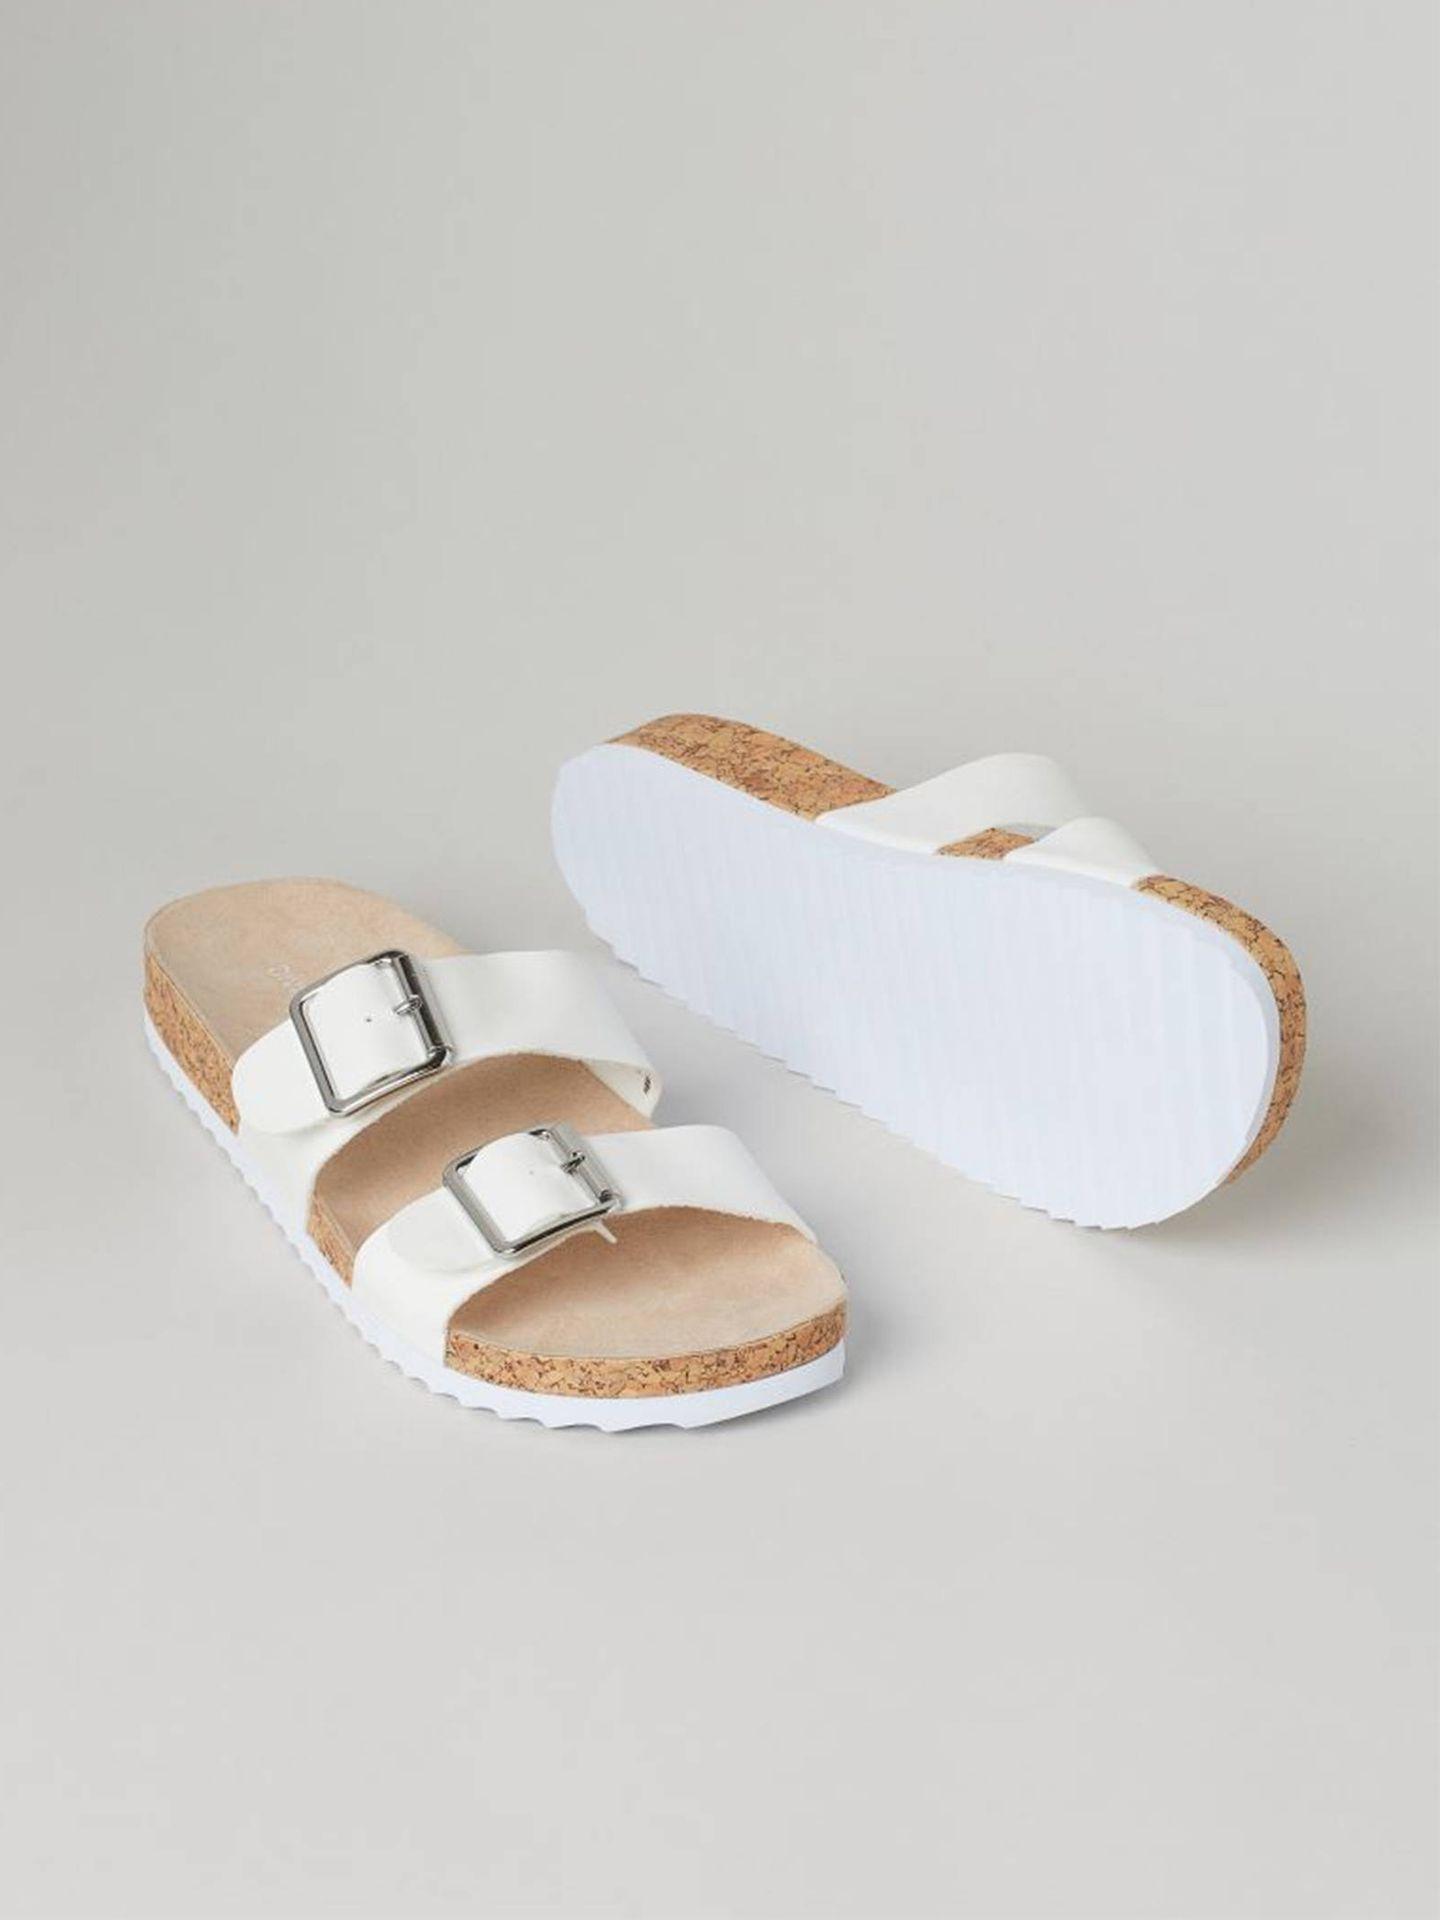 Sandalias blancas de HyM. (Cortesía)